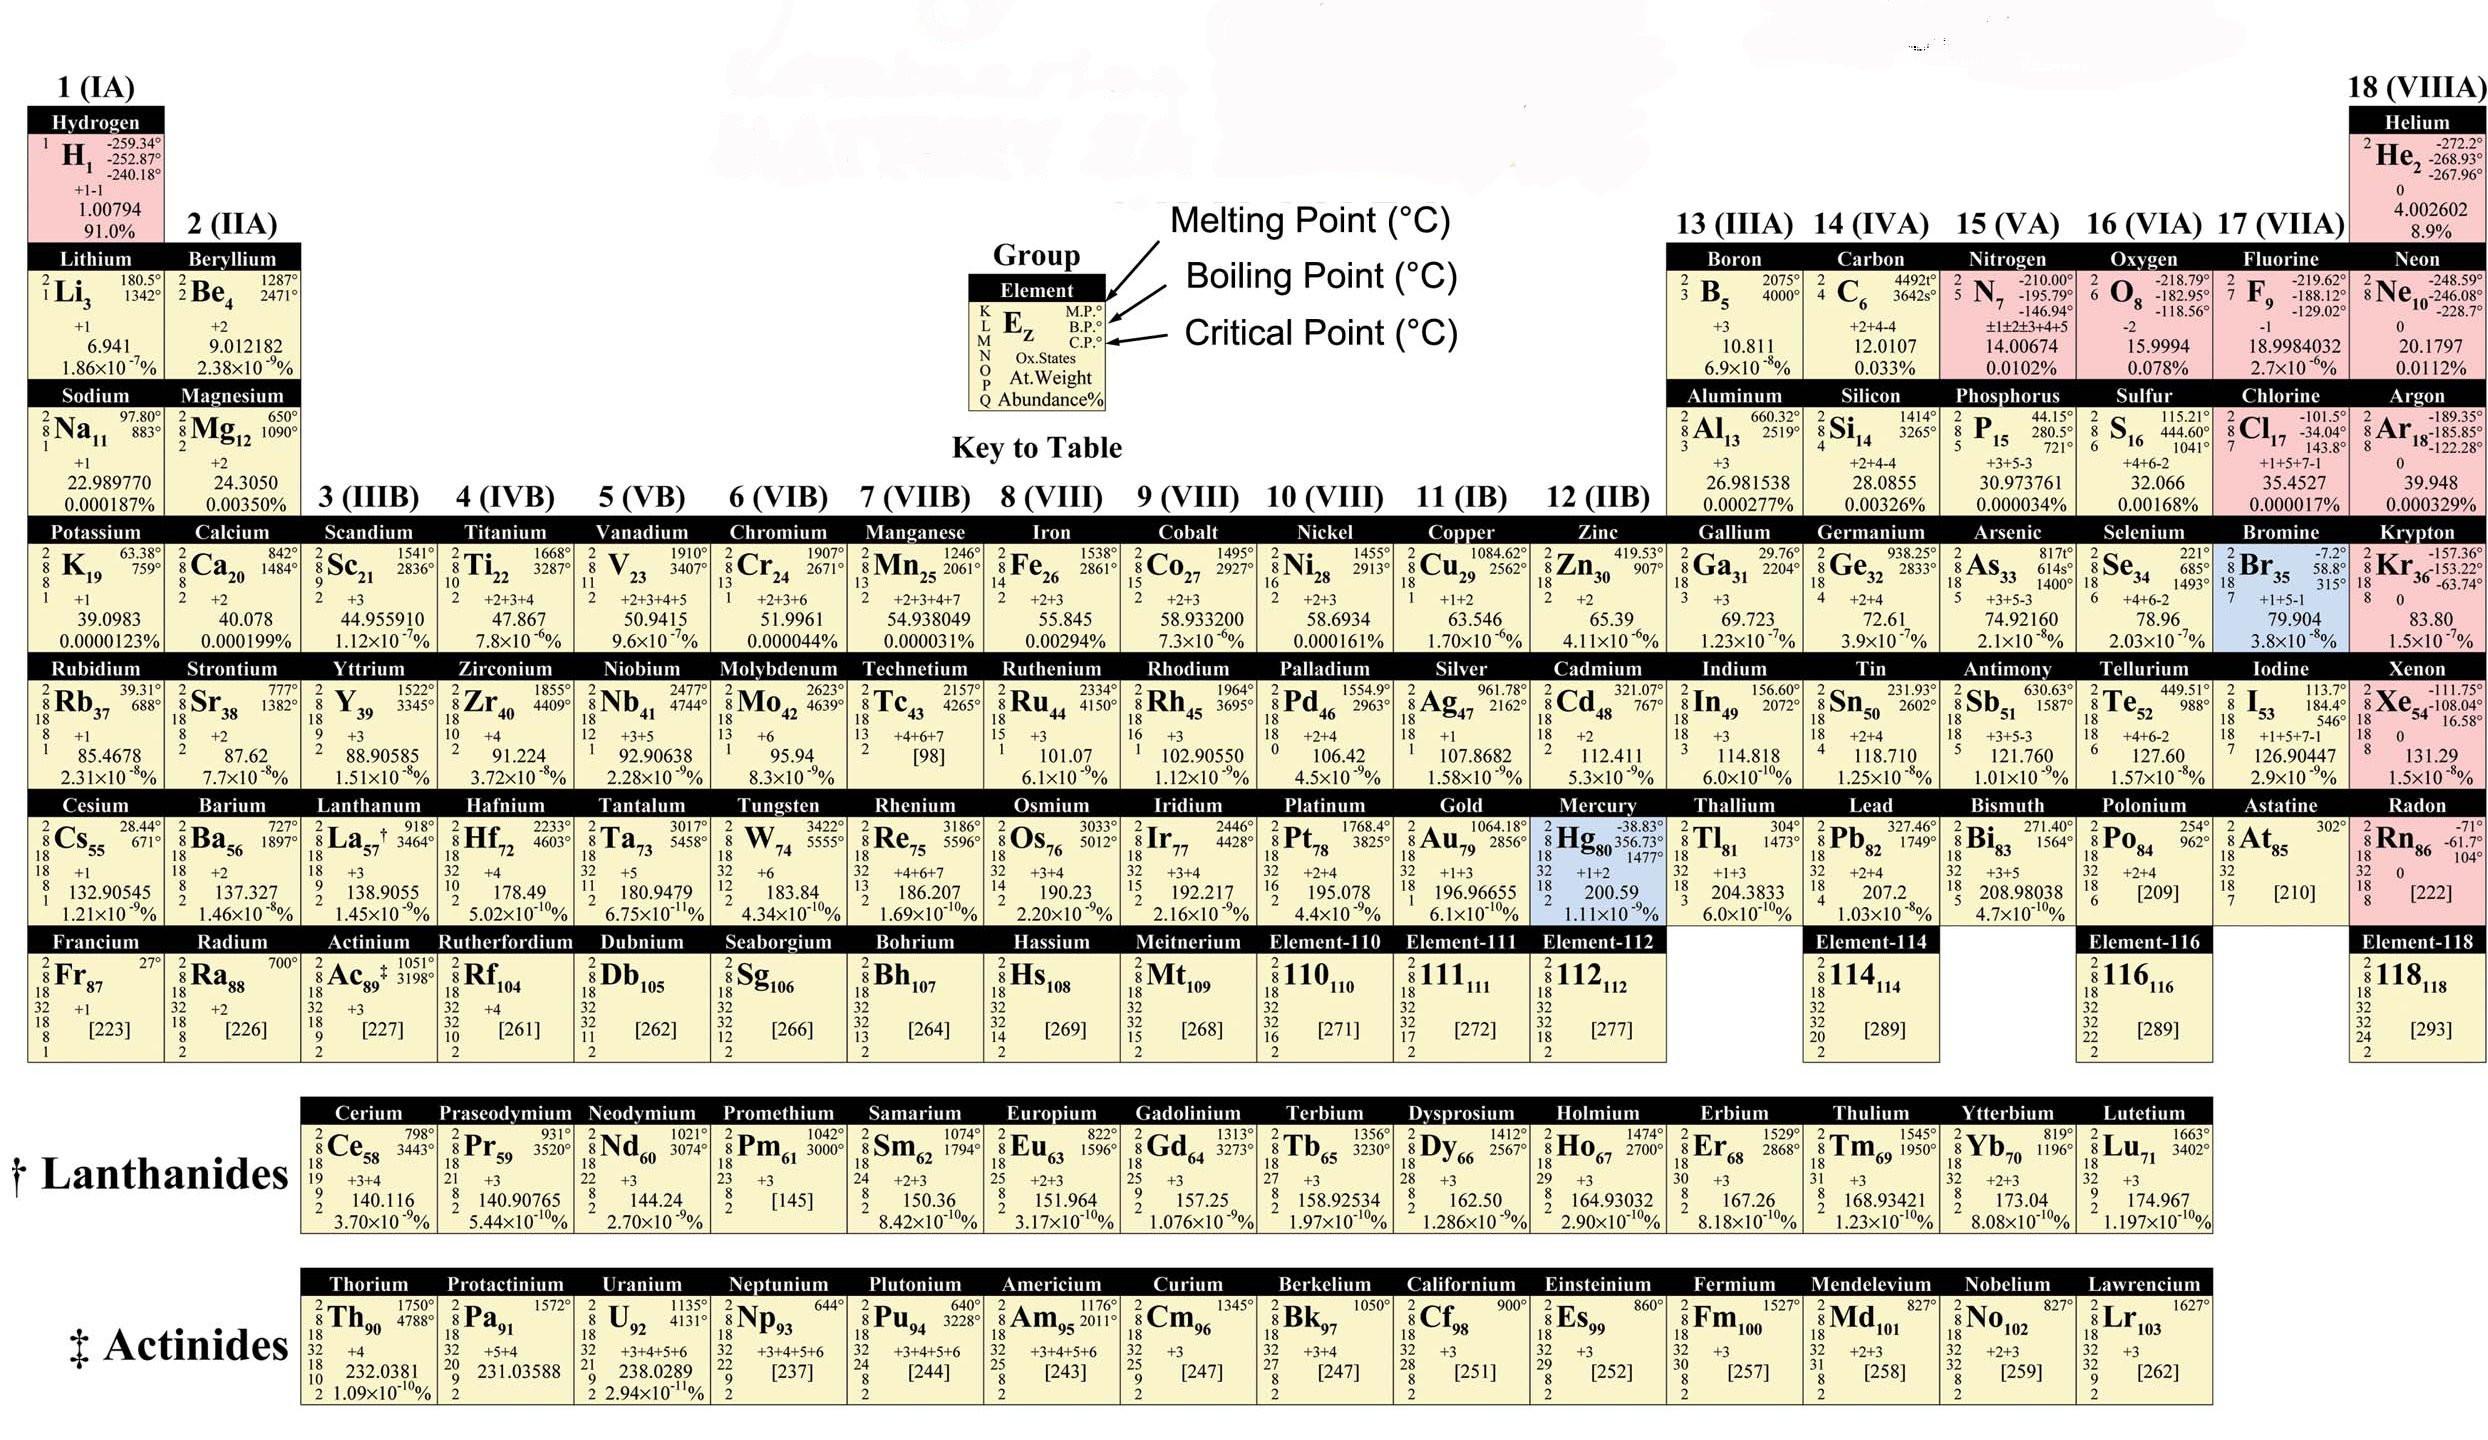 Mendeleev Tabelle  Mendeleev spectroscopy data & publications